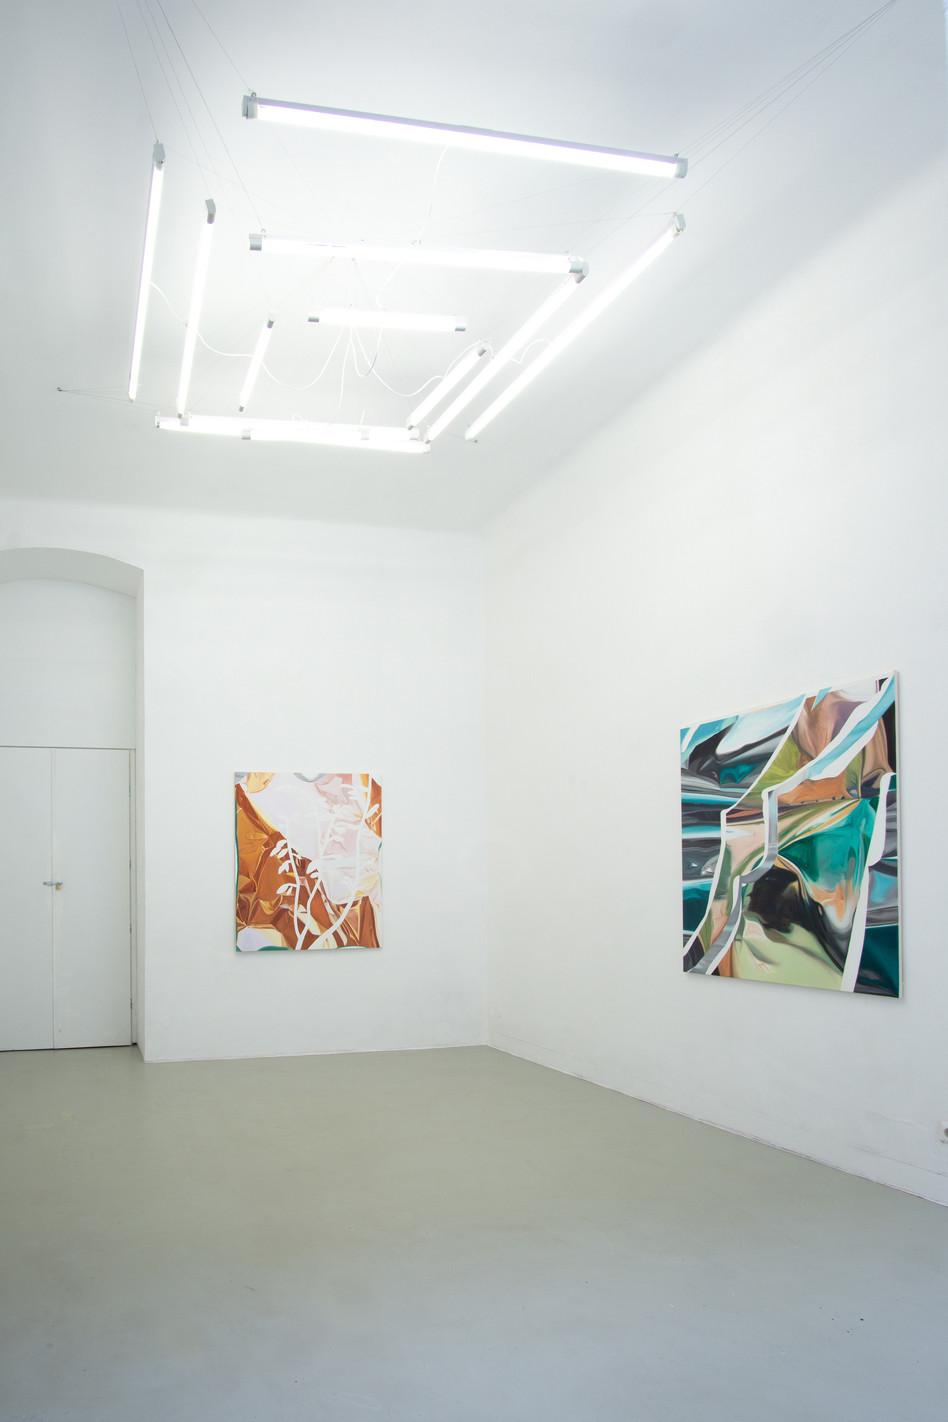 Ausstellungsansicht SCENIC, LLLLLL Vienna, 2020, photo: Christian Prinz